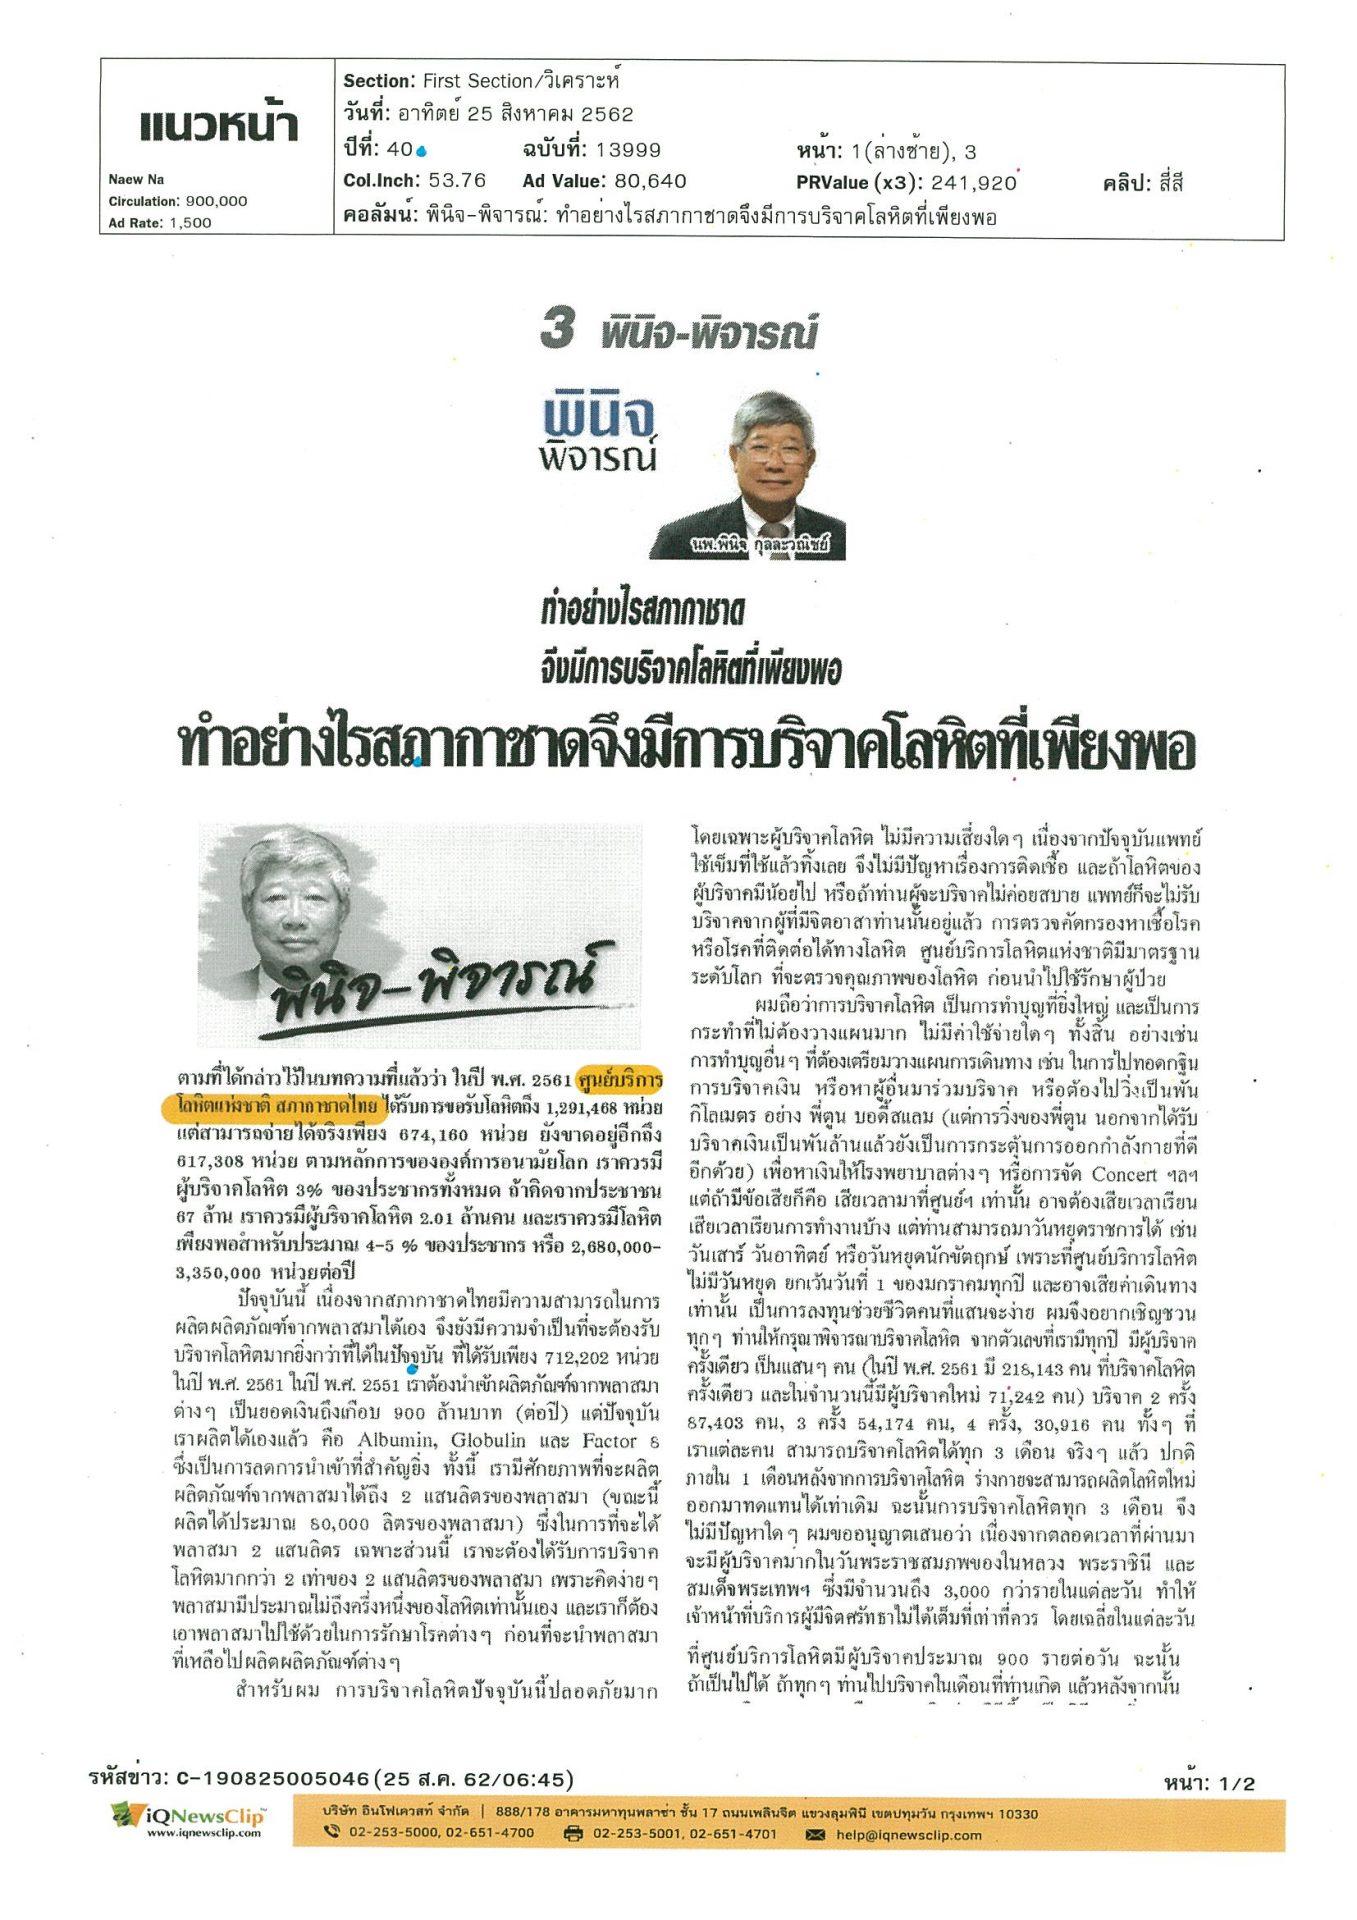 ทำอย่างไรสภากาชาดไทยจึงมีการบริจาคโลหิตที่เพียงพอ